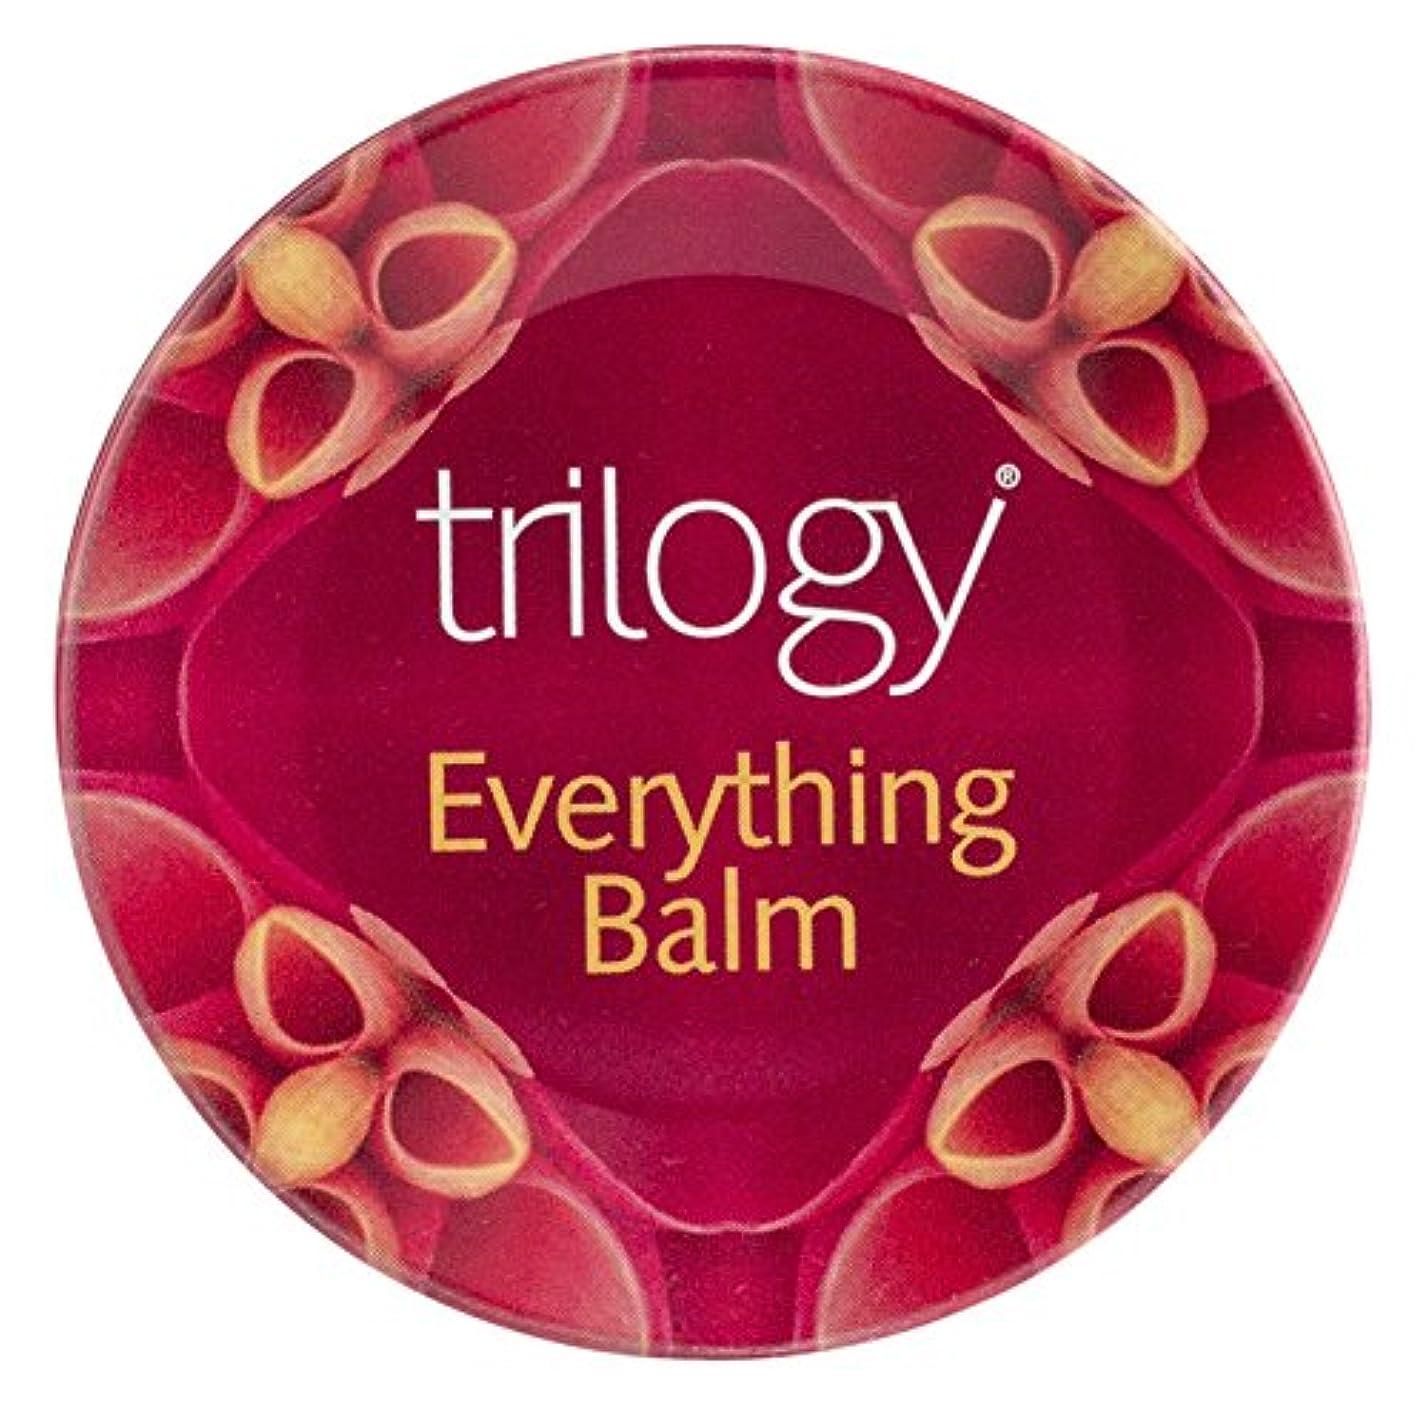 典型的ながんばり続けるバイパストリロジー(trilogy) エブリシング バーム 〈全身用バーム〉 (45mL)